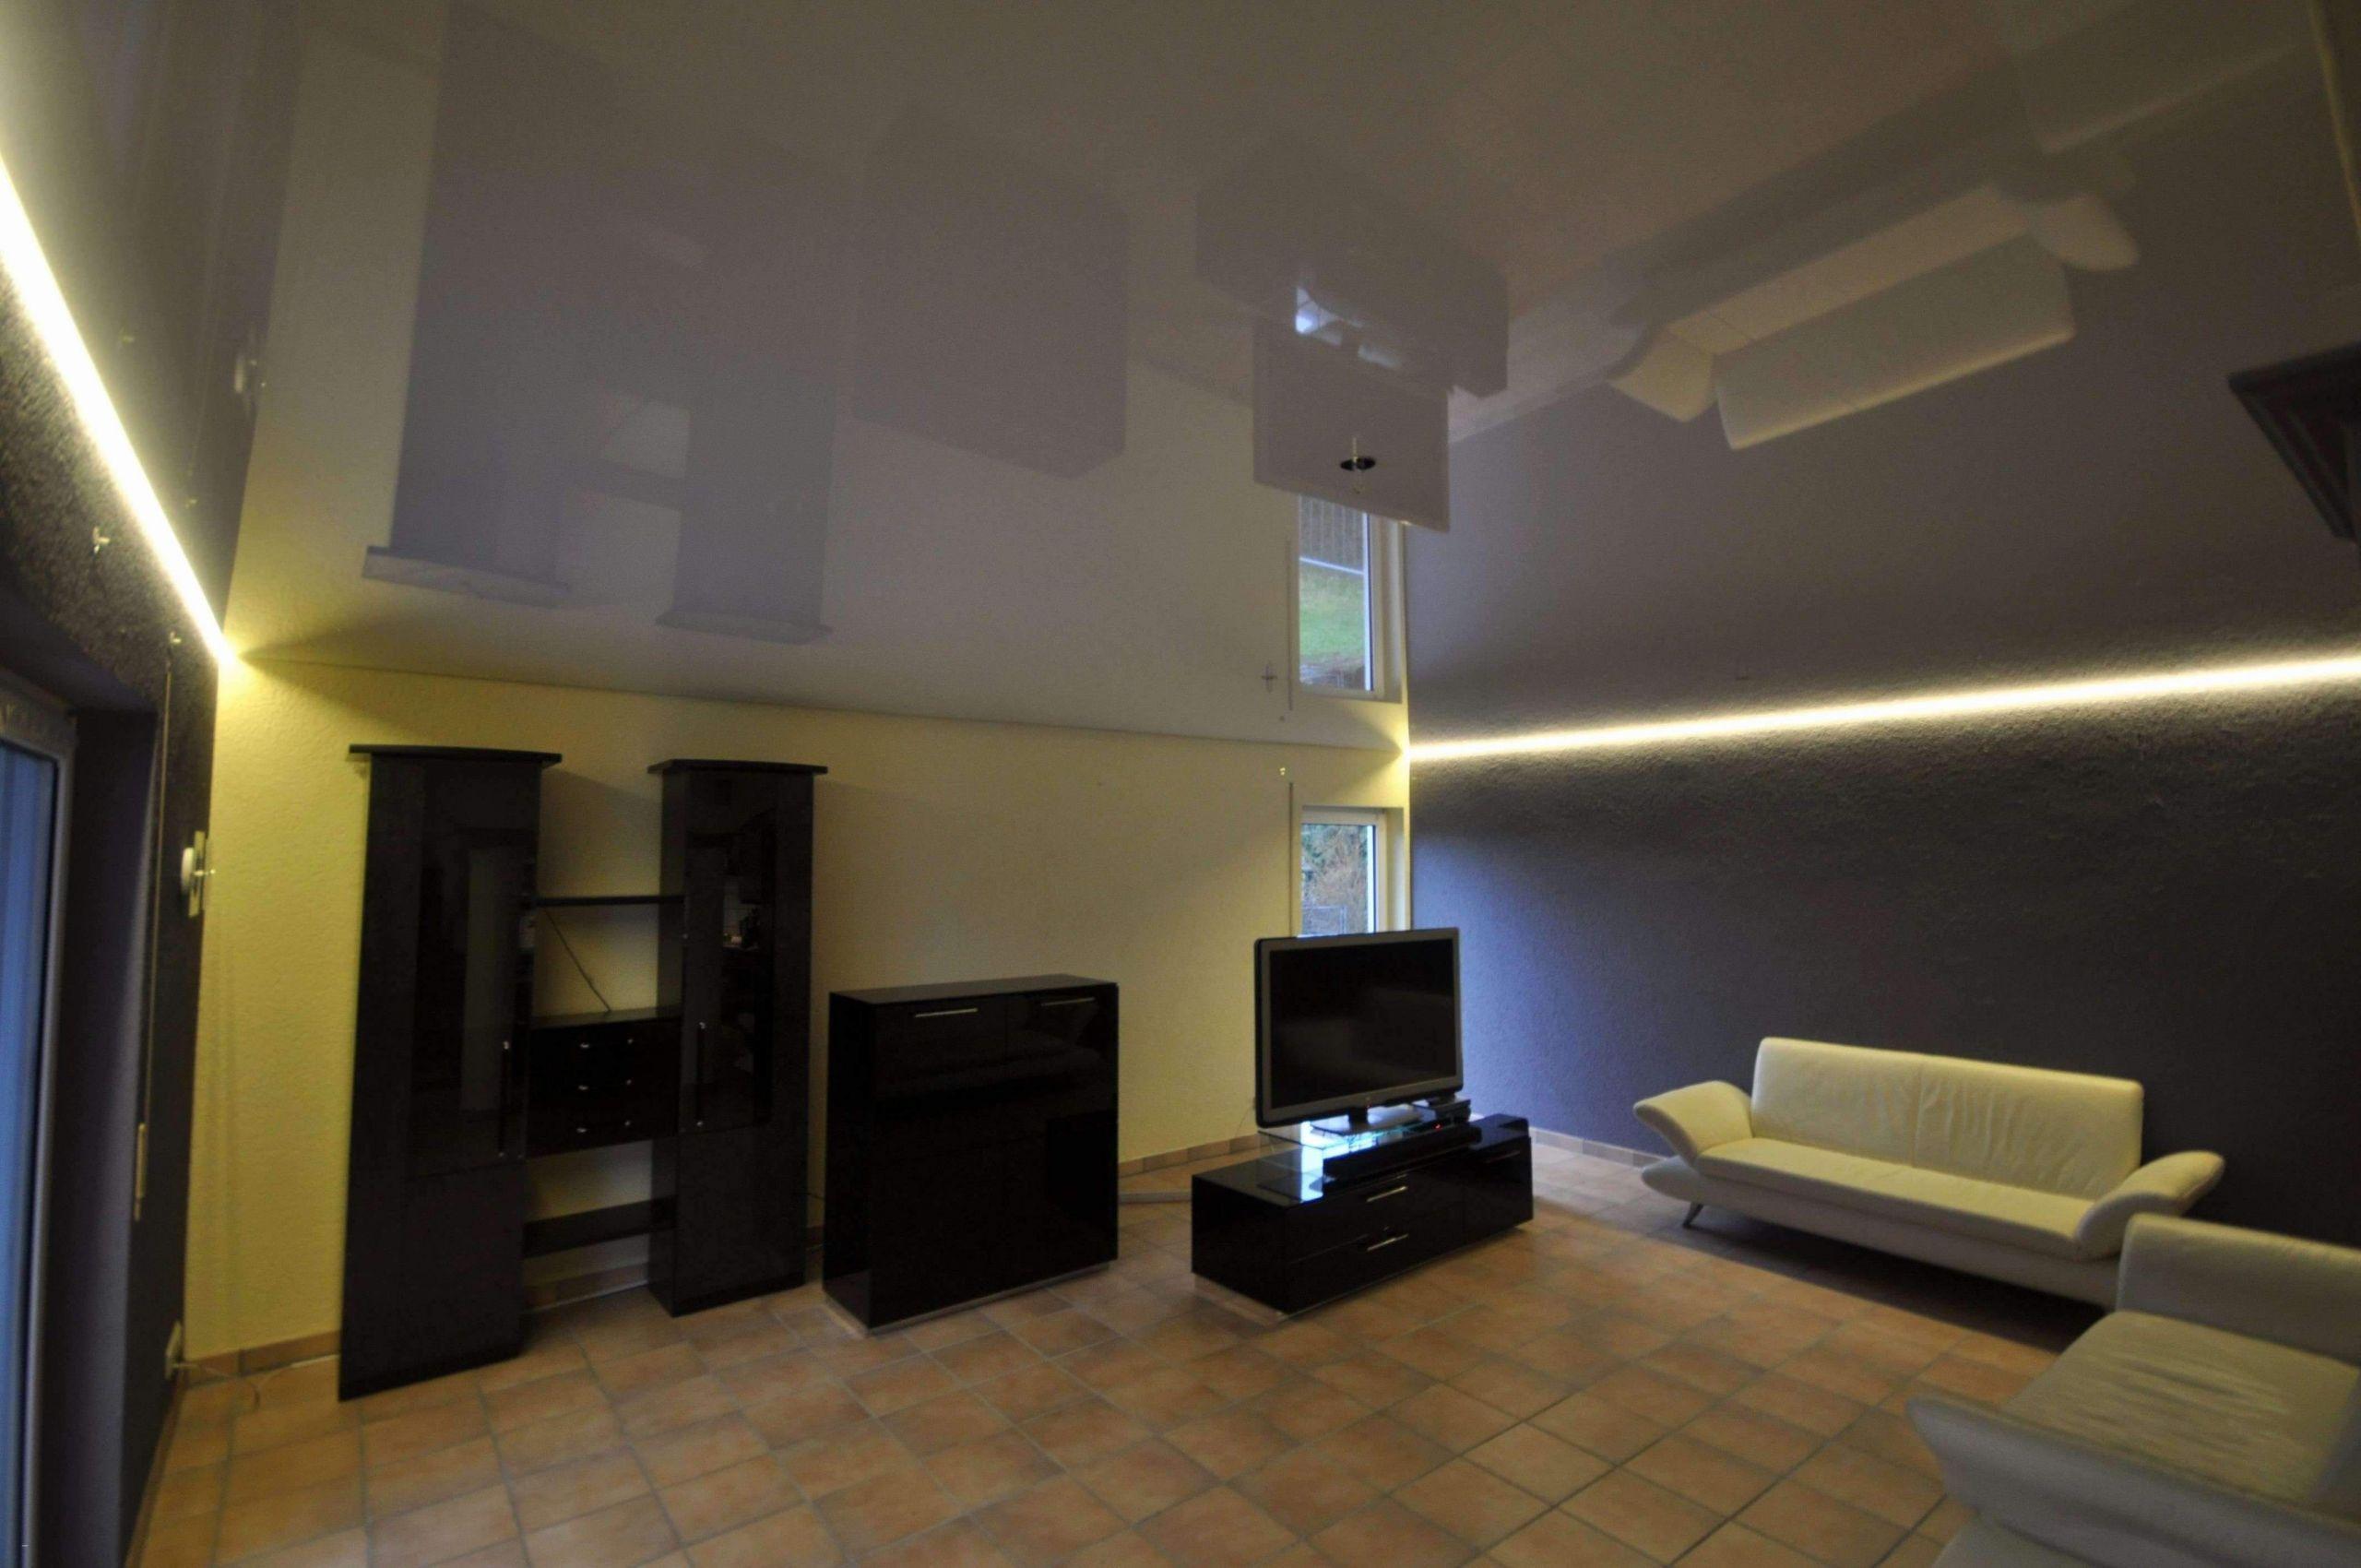 wohnzimmer gestalten tipps schon 59 tolle von wohnzimmer gestalten tipps design of wohnzimmer gestalten tipps